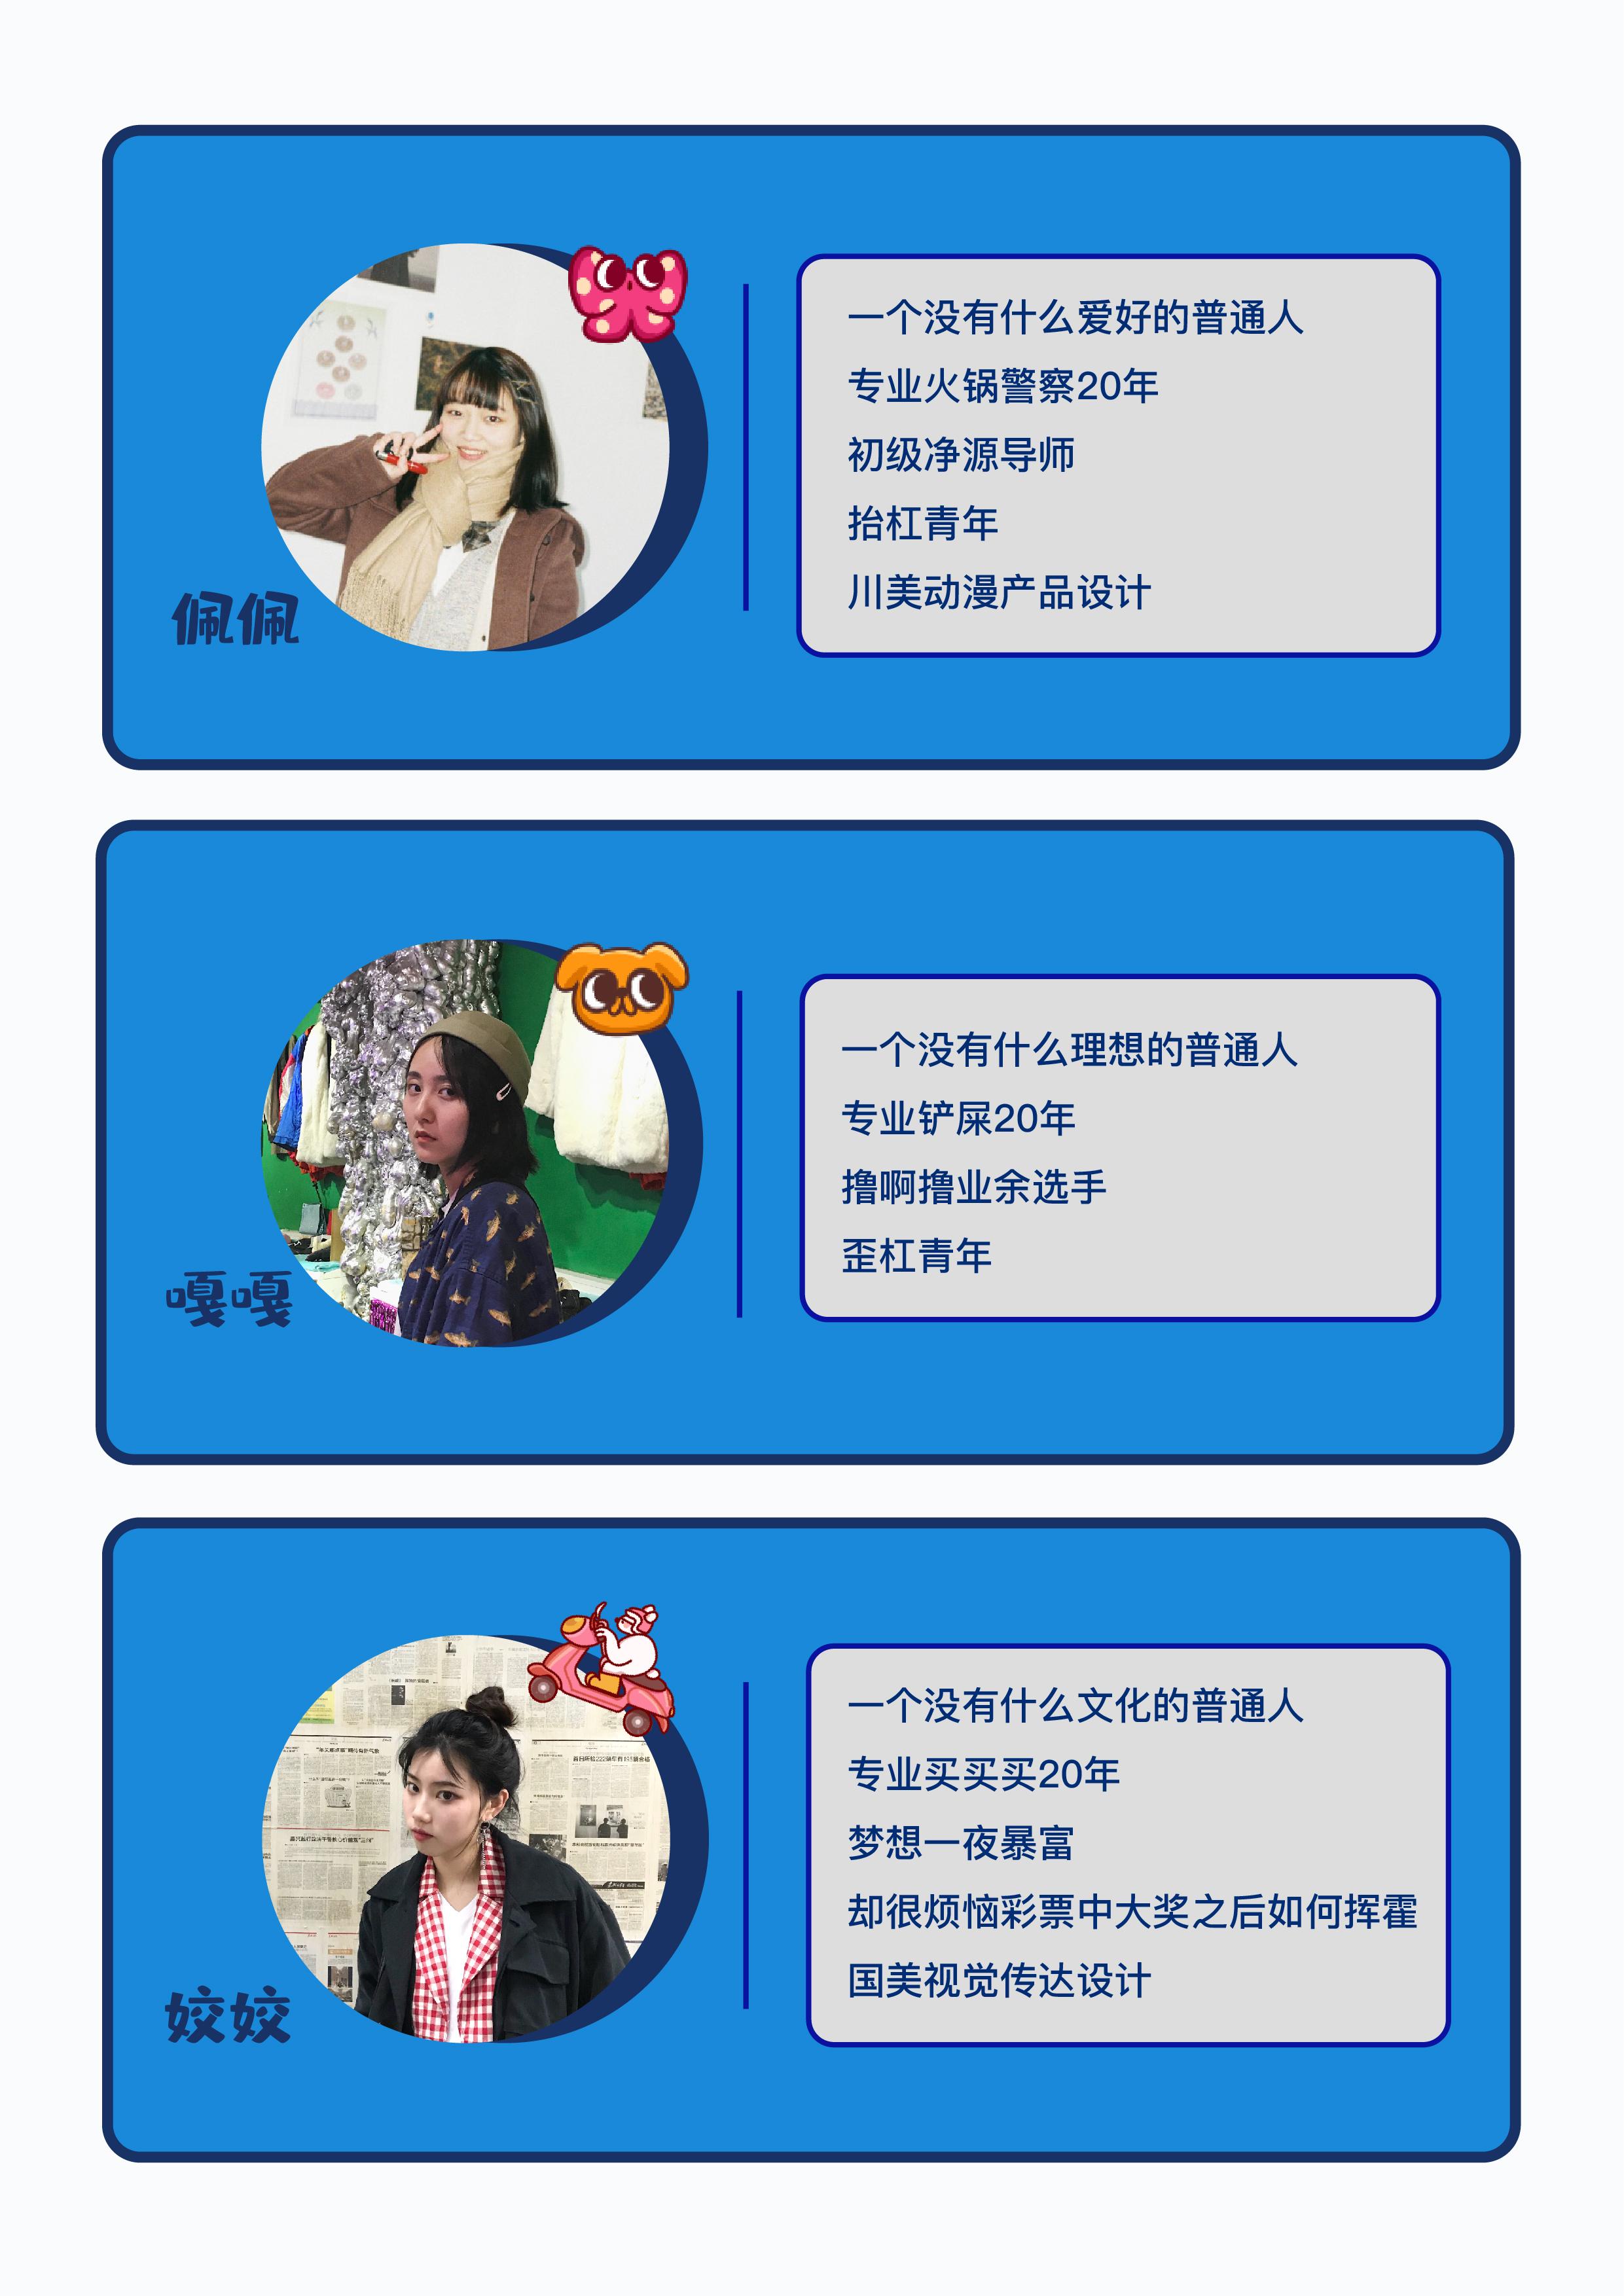 WeChat Image_20190814094556.jpg